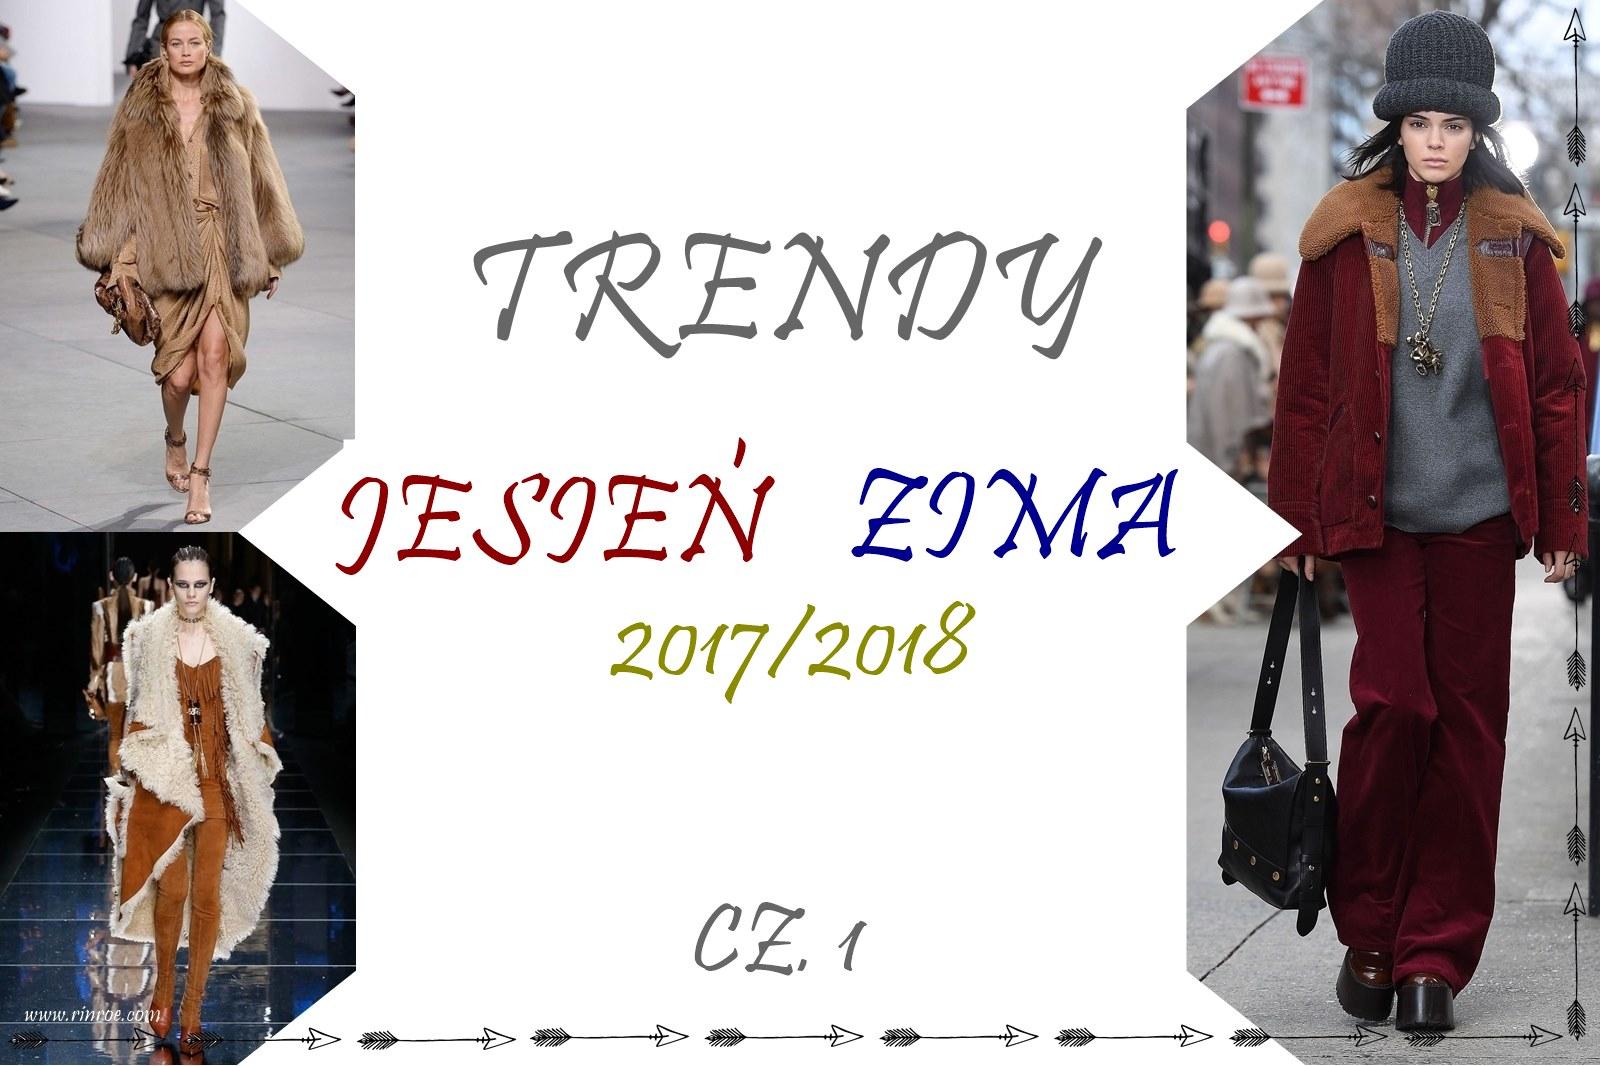 trendy jesień/zima 2017: futra, kożuchy, puchówki i sztruks